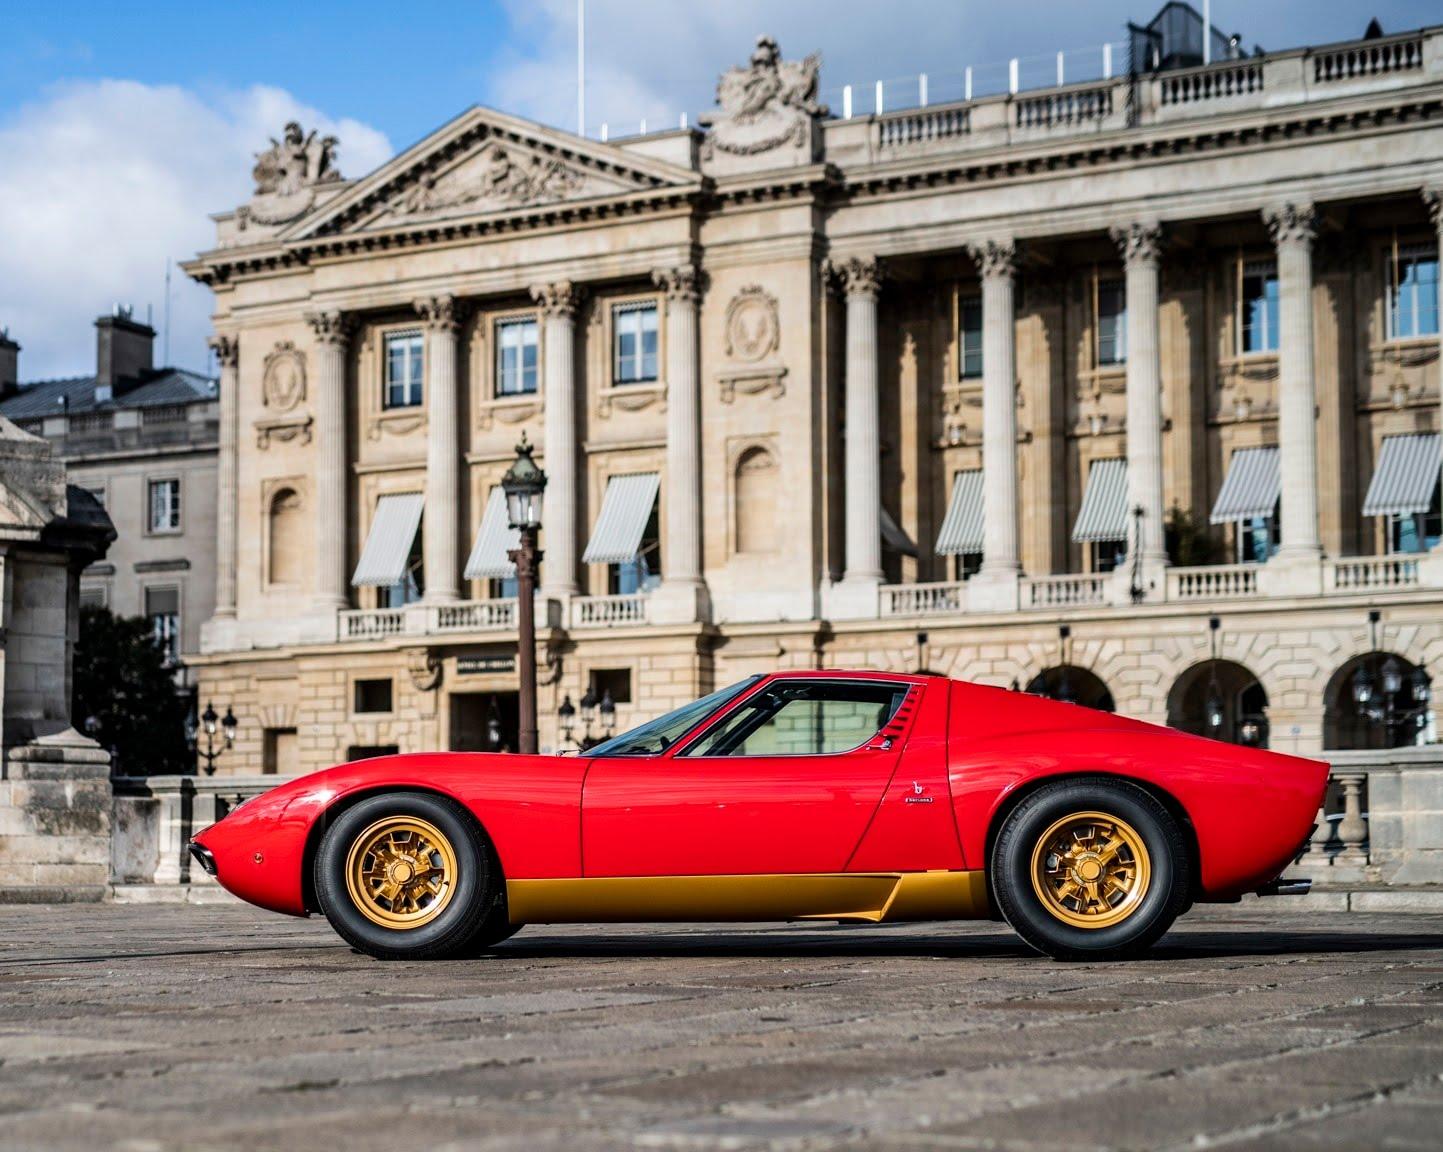 Plus belles voitures de l'Histoire - Lamborghini Miura